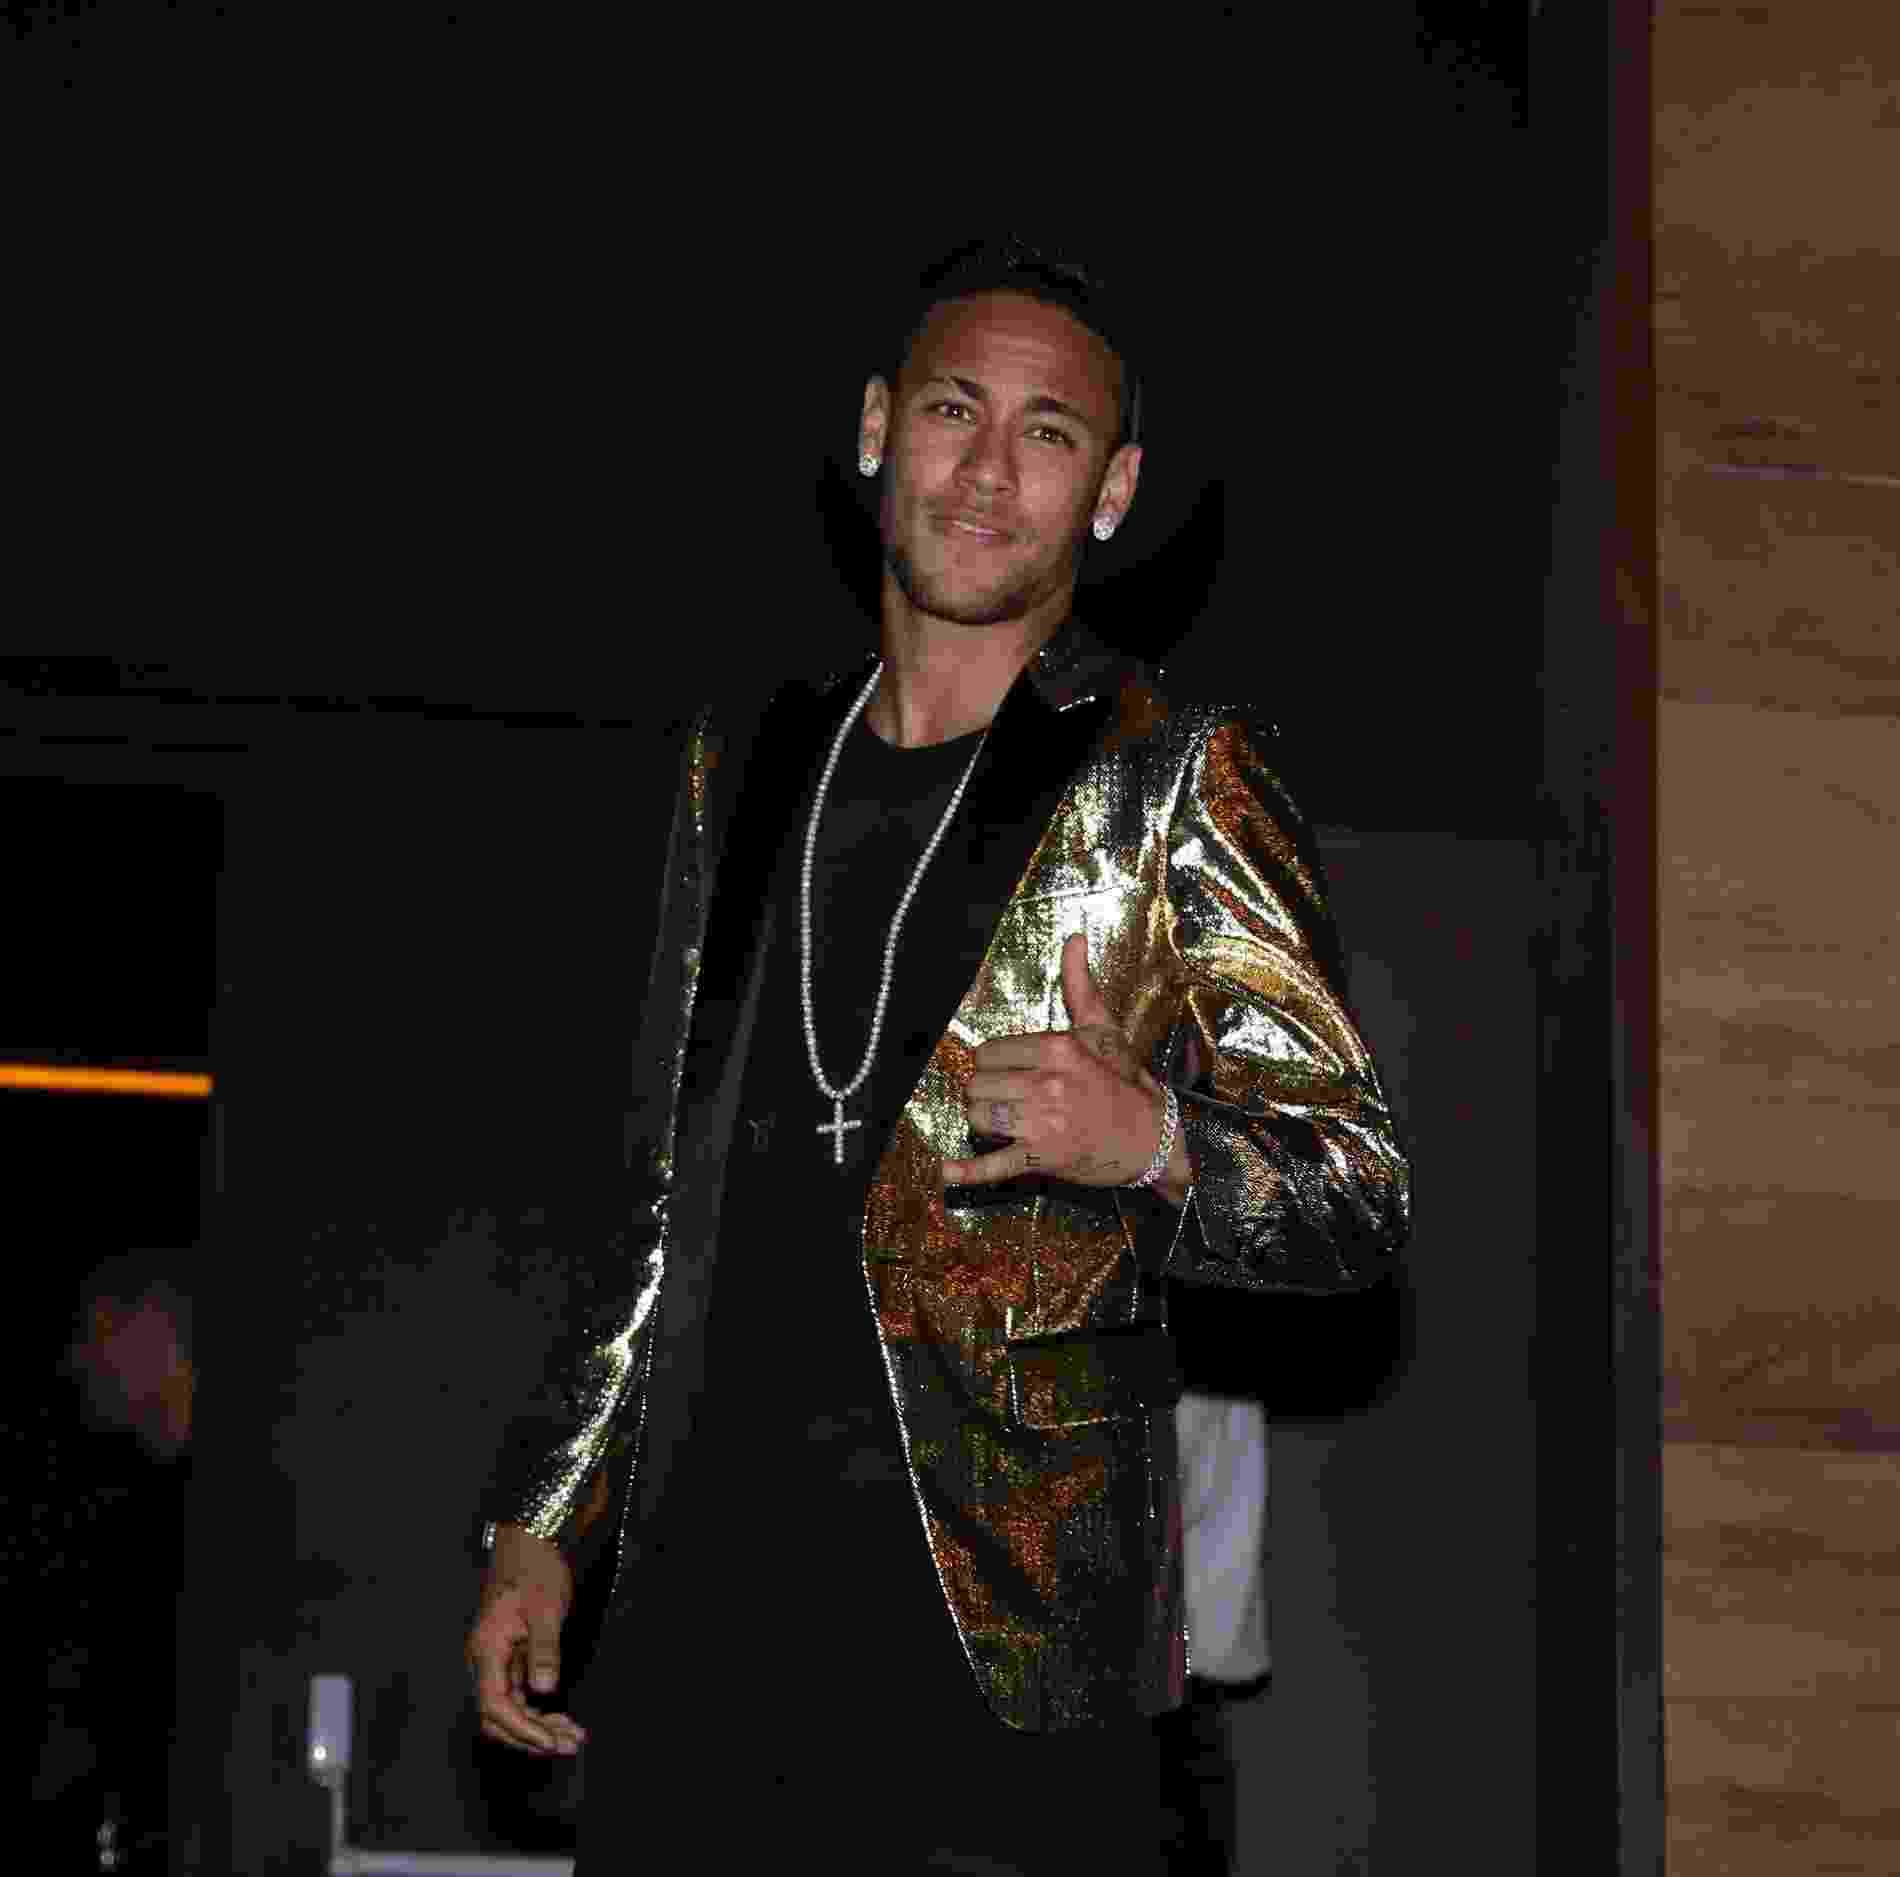 7.mar.2016 - Neymar posa para fotos ao chegar para a festa de aniversário da irmã Rafaella Santos no Villa Mix, em São Paulo - Francisco Cepeda/AgNews